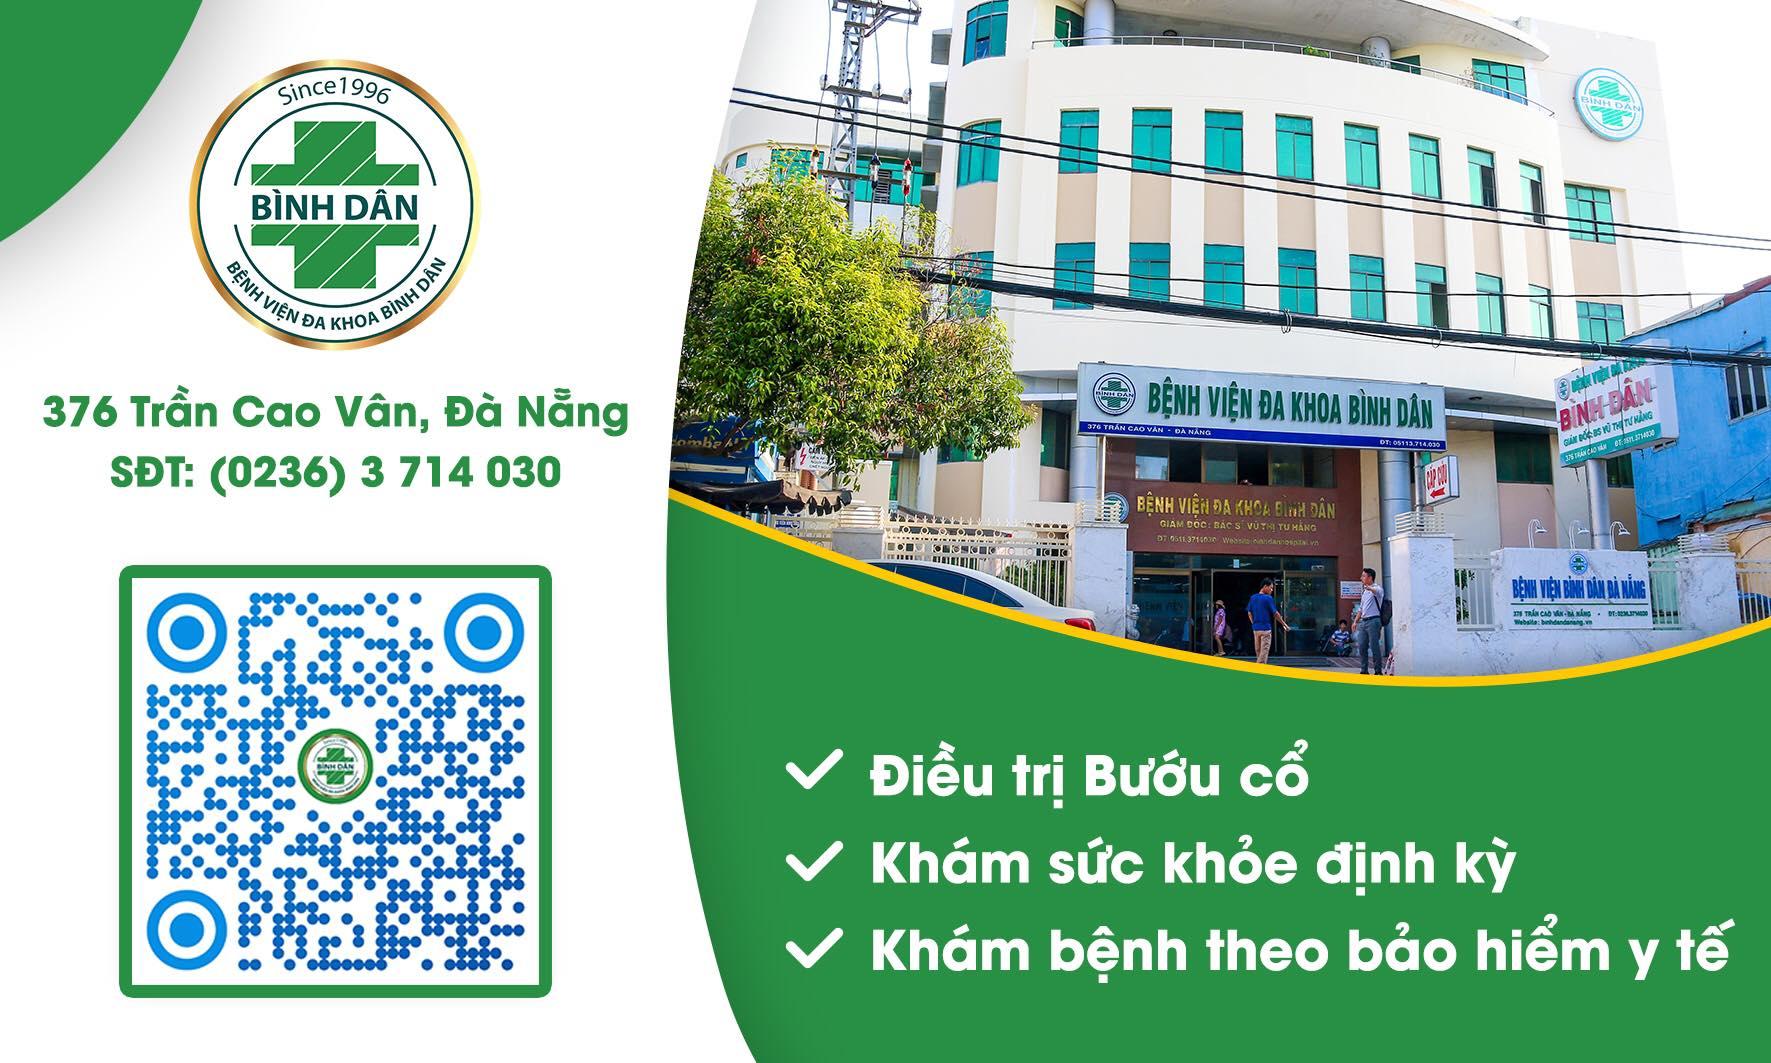 Bệnh viện Bình Dân Đà Nẵng